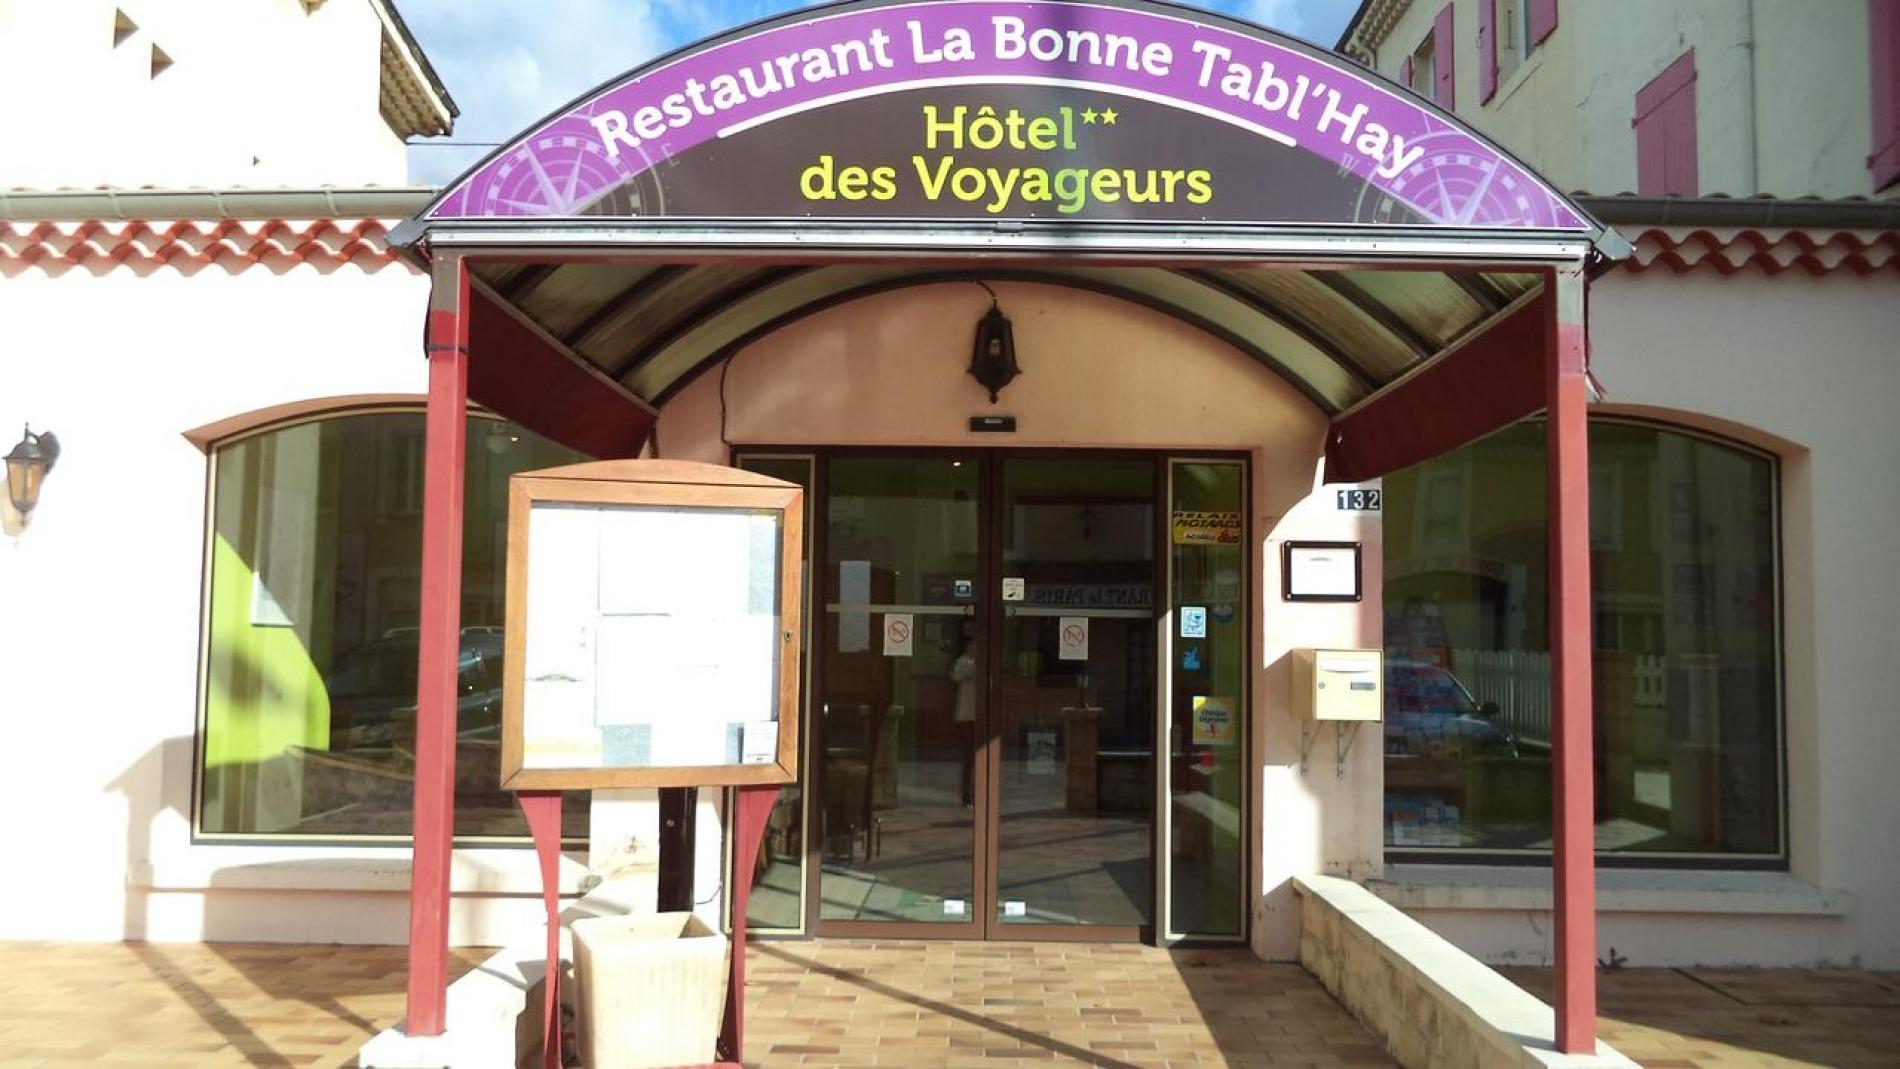 Hôtel-restaurant à Livron sur Drôme : Hôtel des Voyageurs